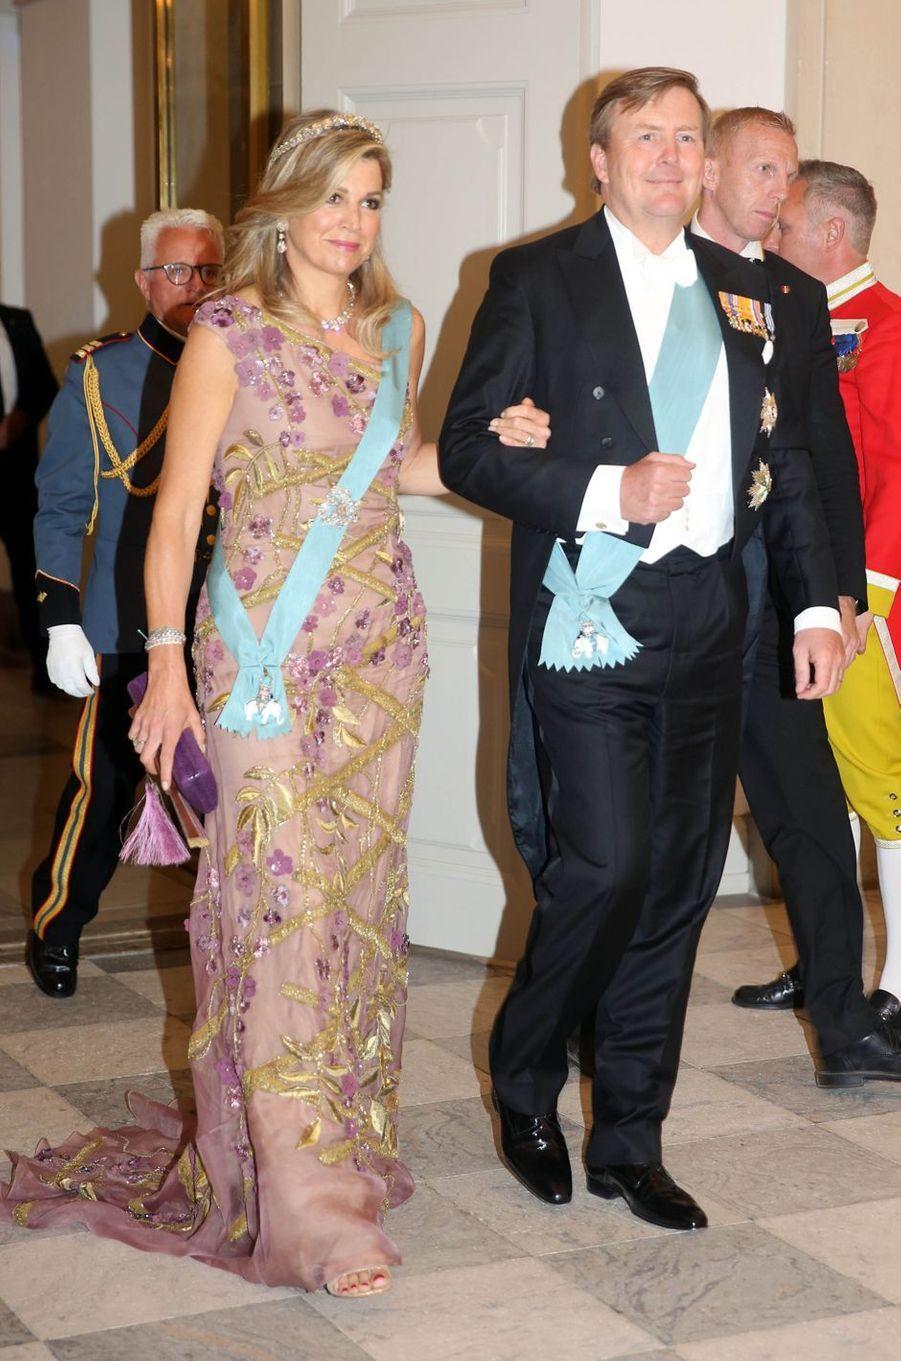 La reine Maxima et le roi Willem-Alexander des Pays-Bas à Copenhague, le 26 mai 2018